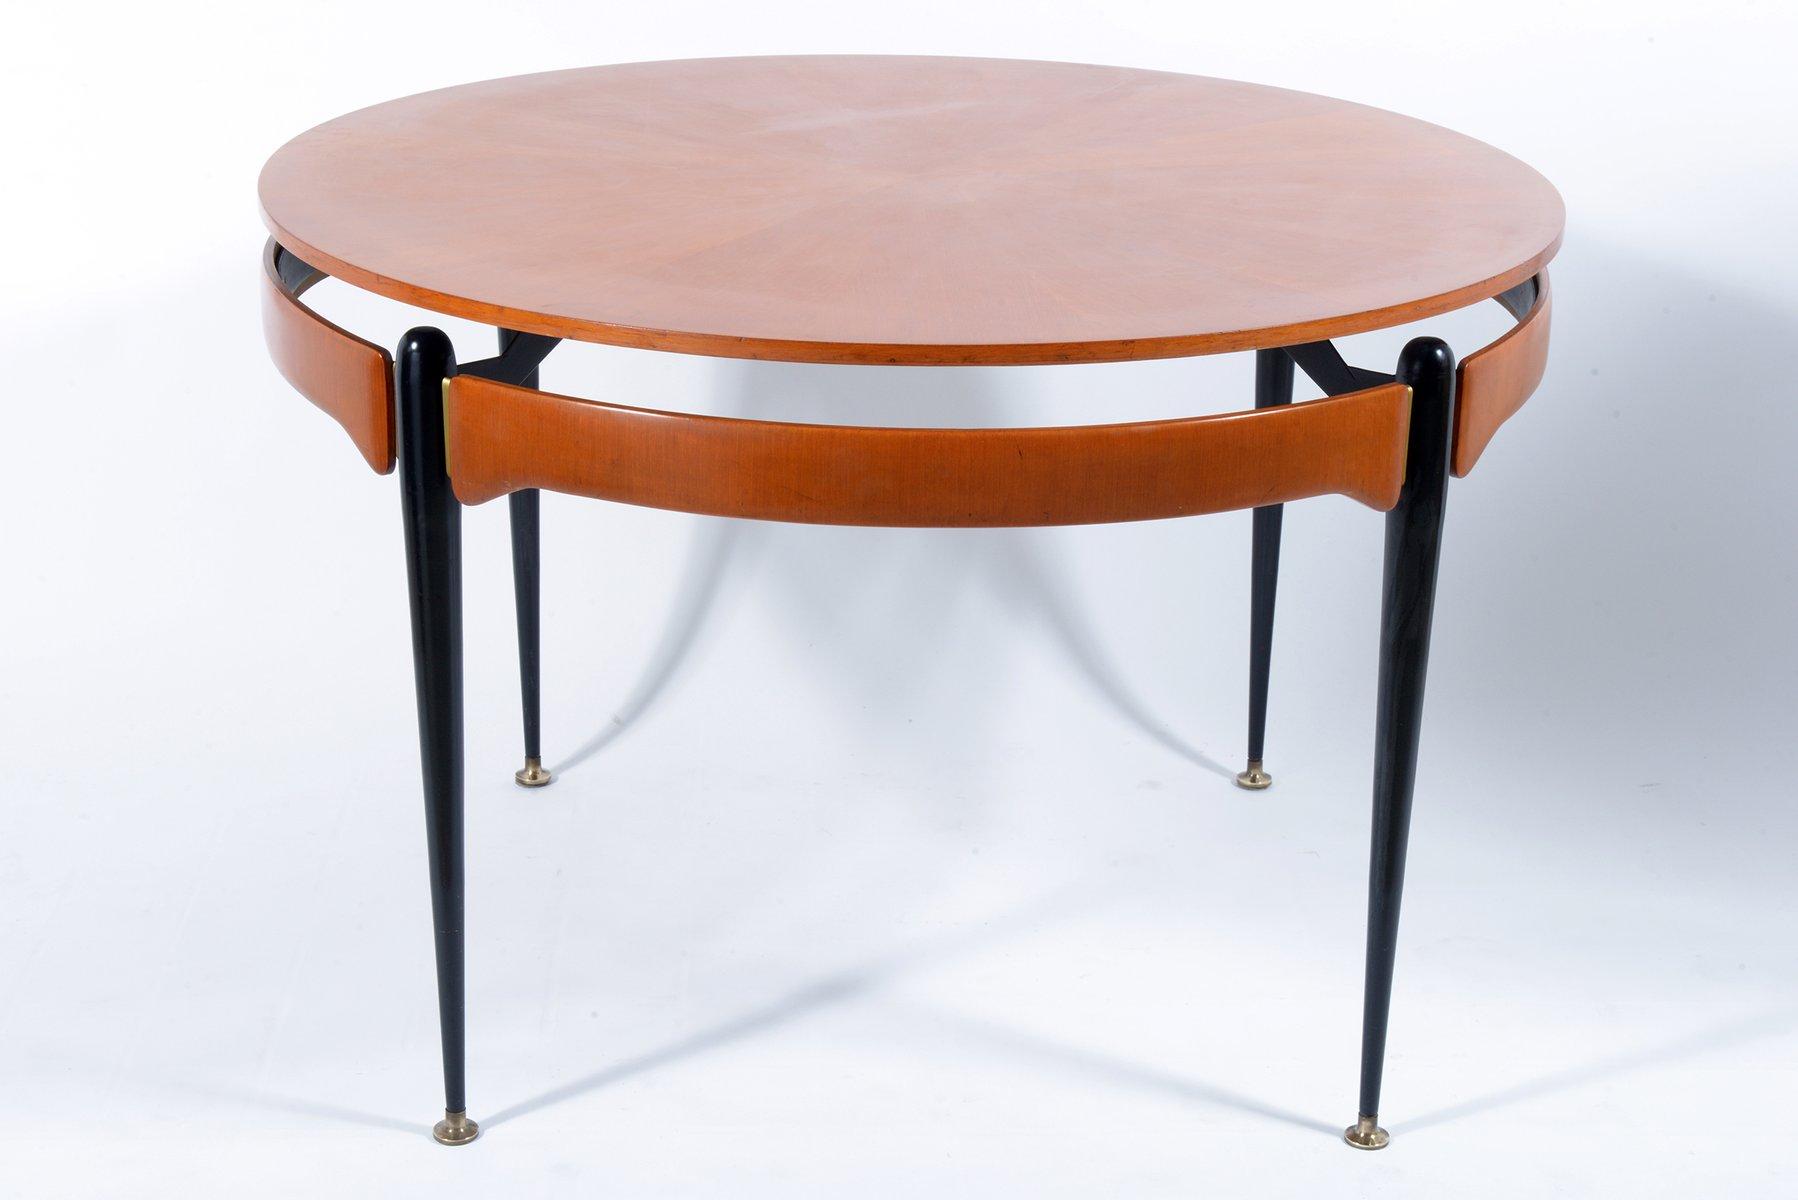 Tavolo rotondo in legno di noce e metallo anni 39 60 in - Tavolo rotondo in legno ...